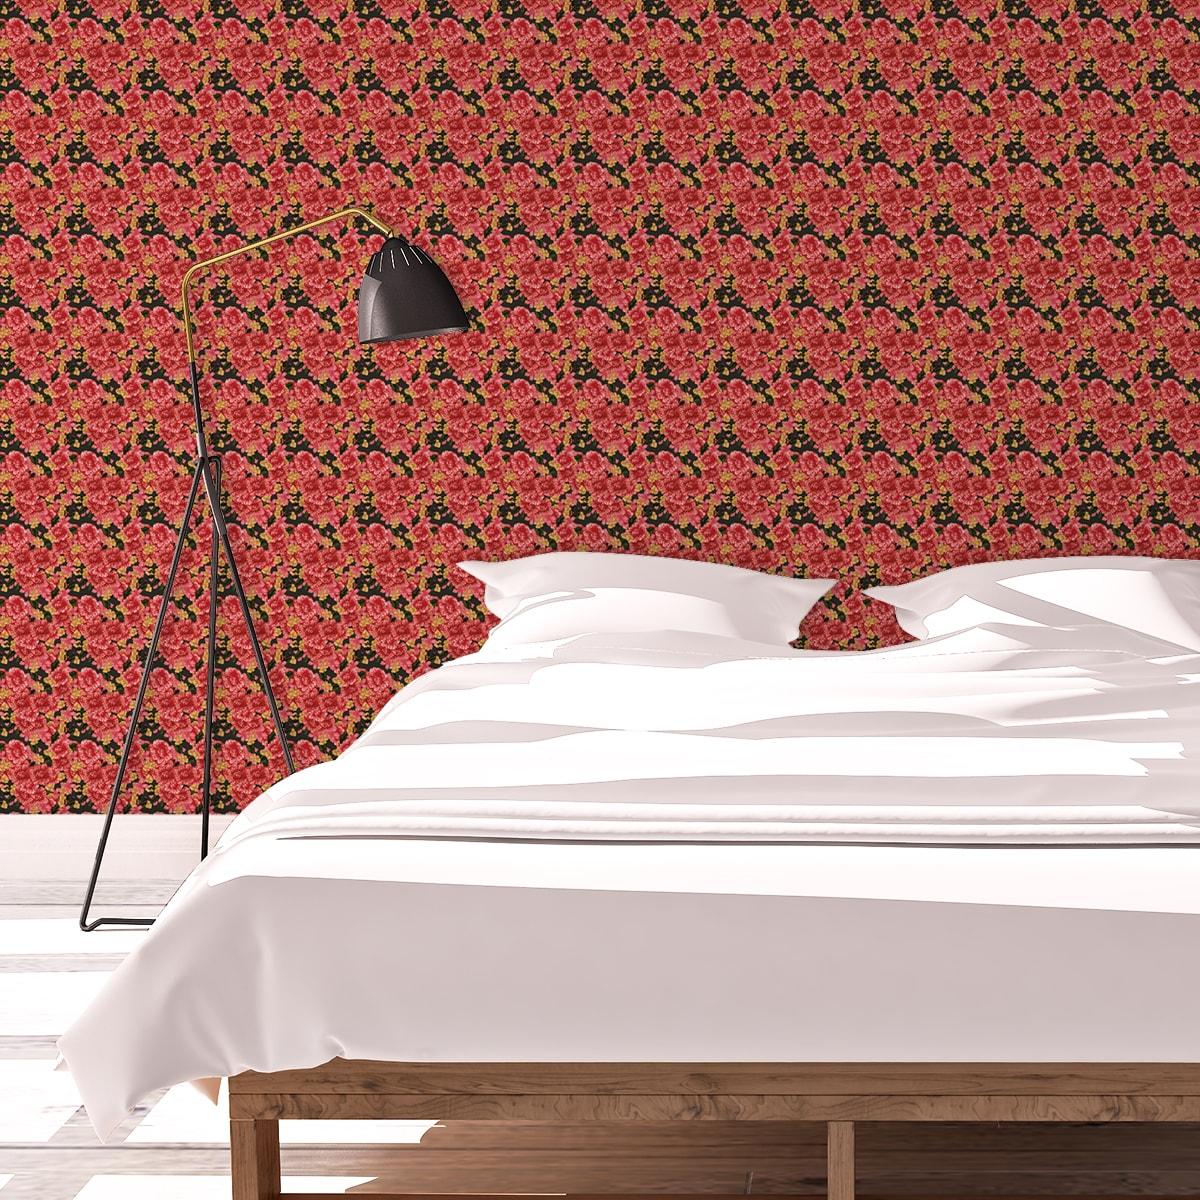 Tapete Wohnzimmer rot: Landhaus Blumentapete Shabby Flowers shabby chic auf braun schwarz - Vliestapete für Wohnzimmer